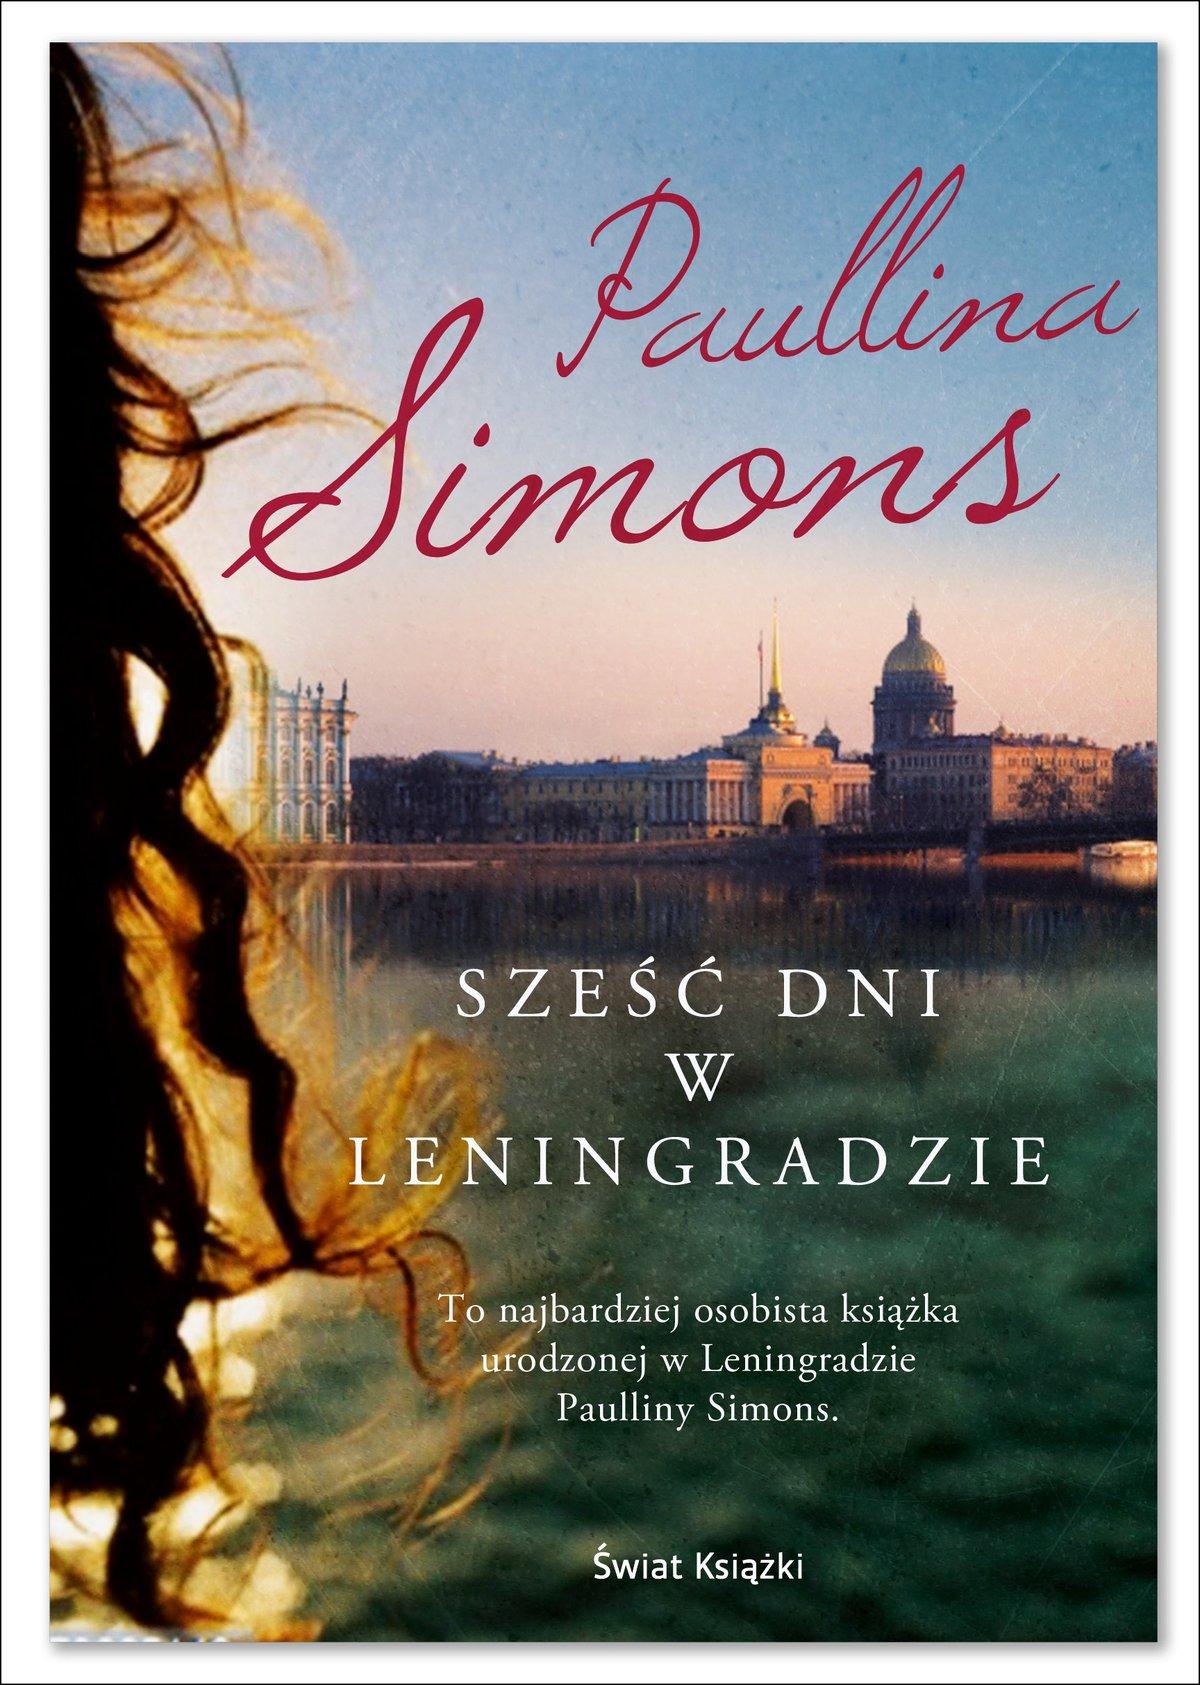 Sześć dni w Leningradzie - Ebook (Książka na Kindle) do pobrania w formacie MOBI